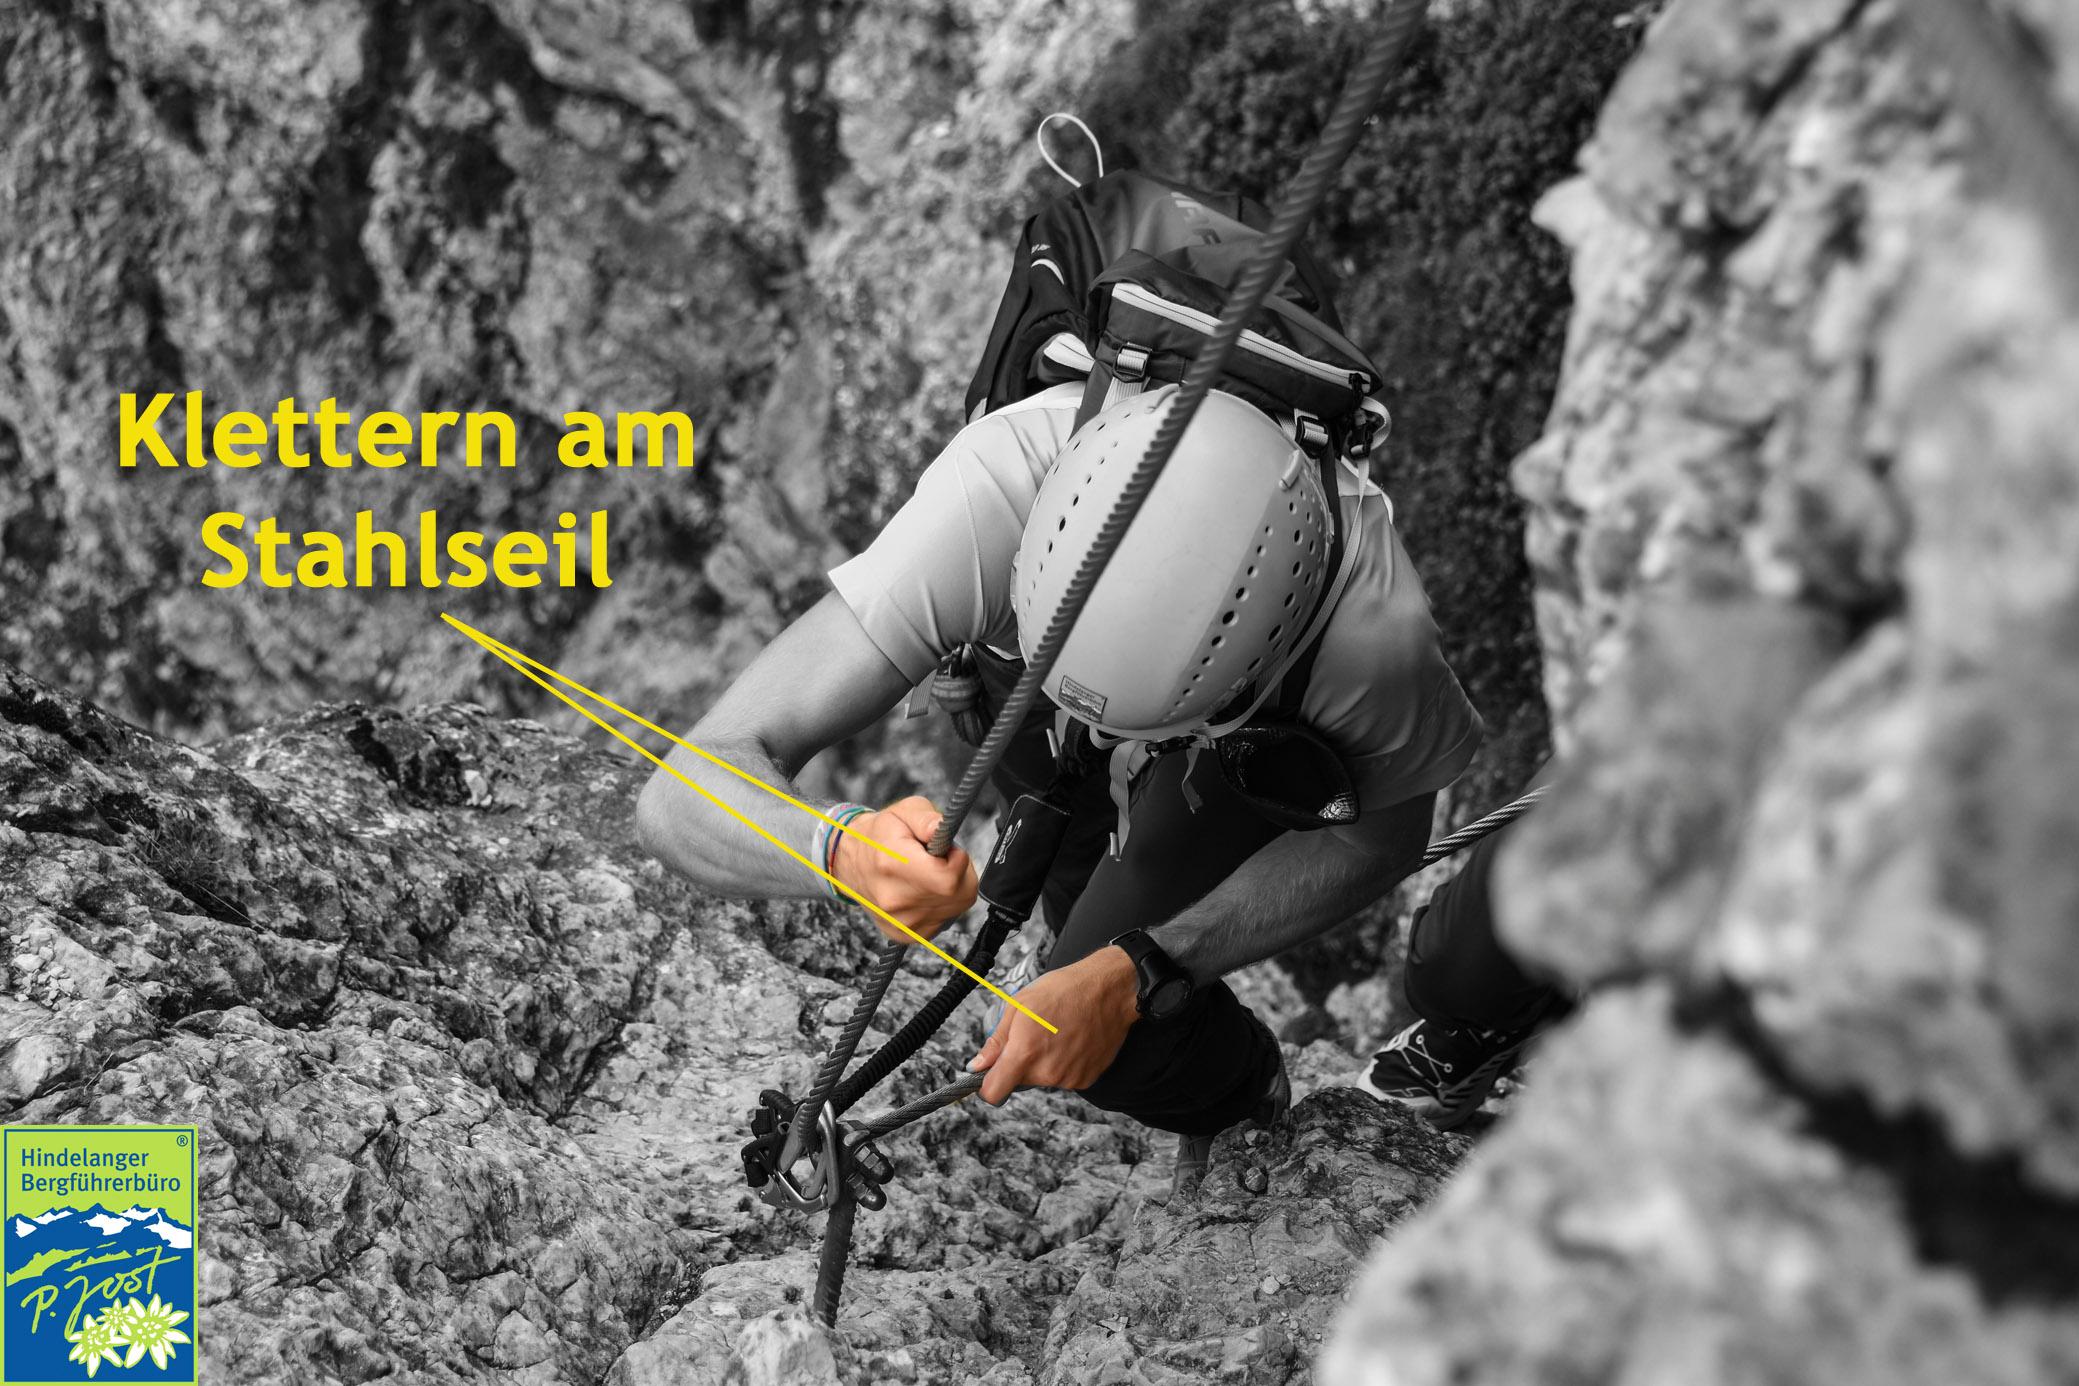 Klettersteig Rucksack : Sicherheit am klettersteig